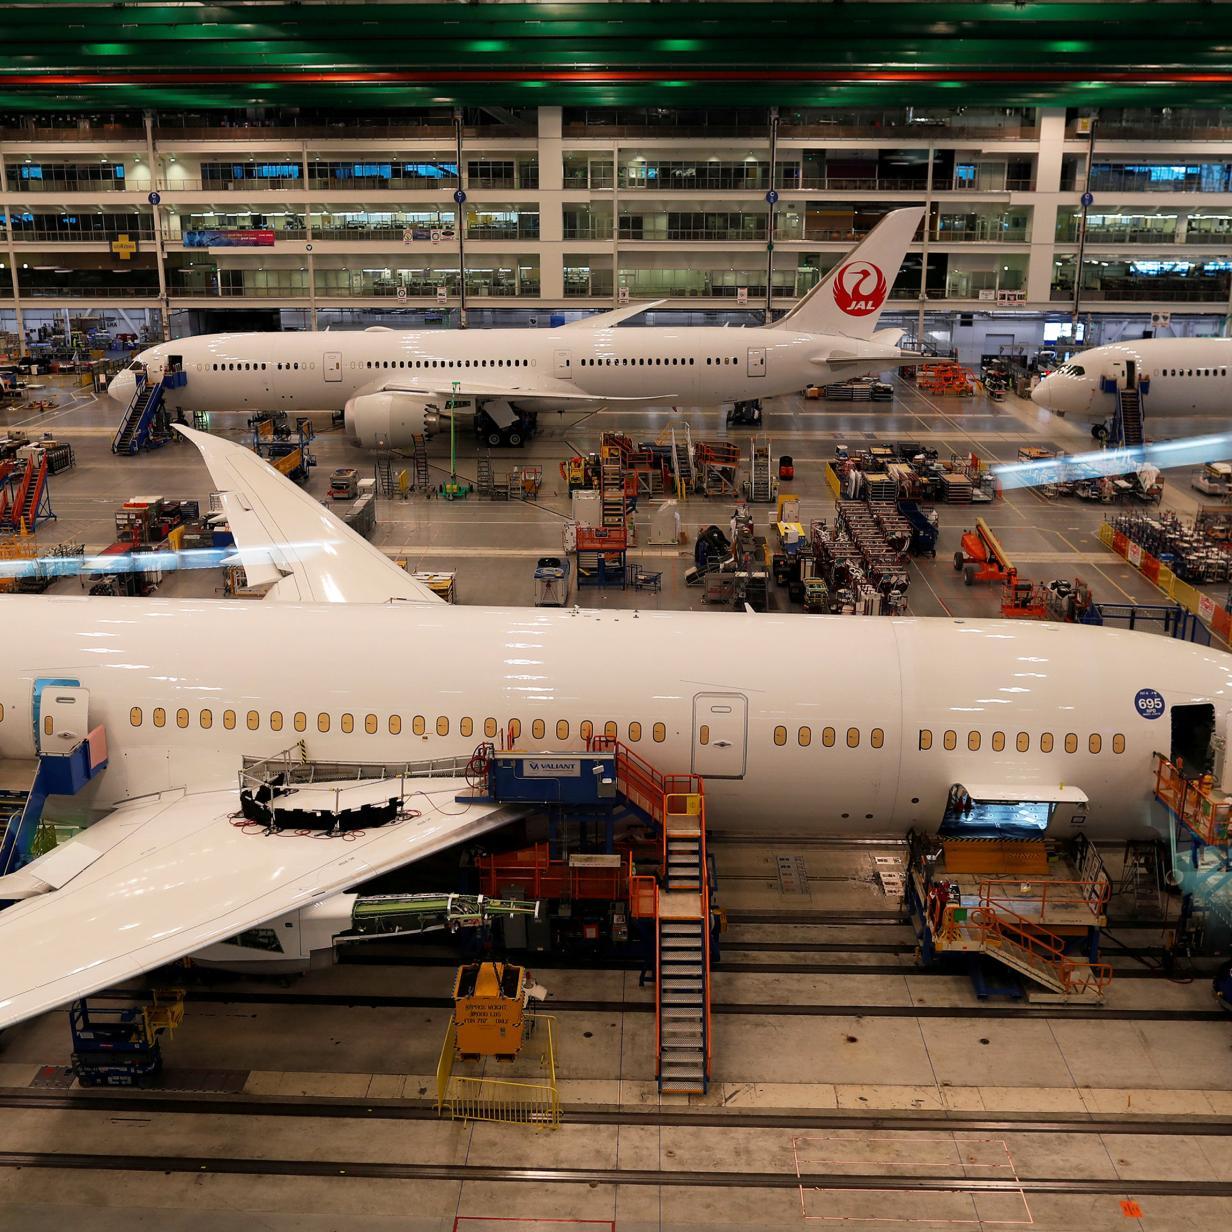 """""""Werde nie damit fliegen"""": Arbeiter berichten über Mängel in Boeing-Werk"""